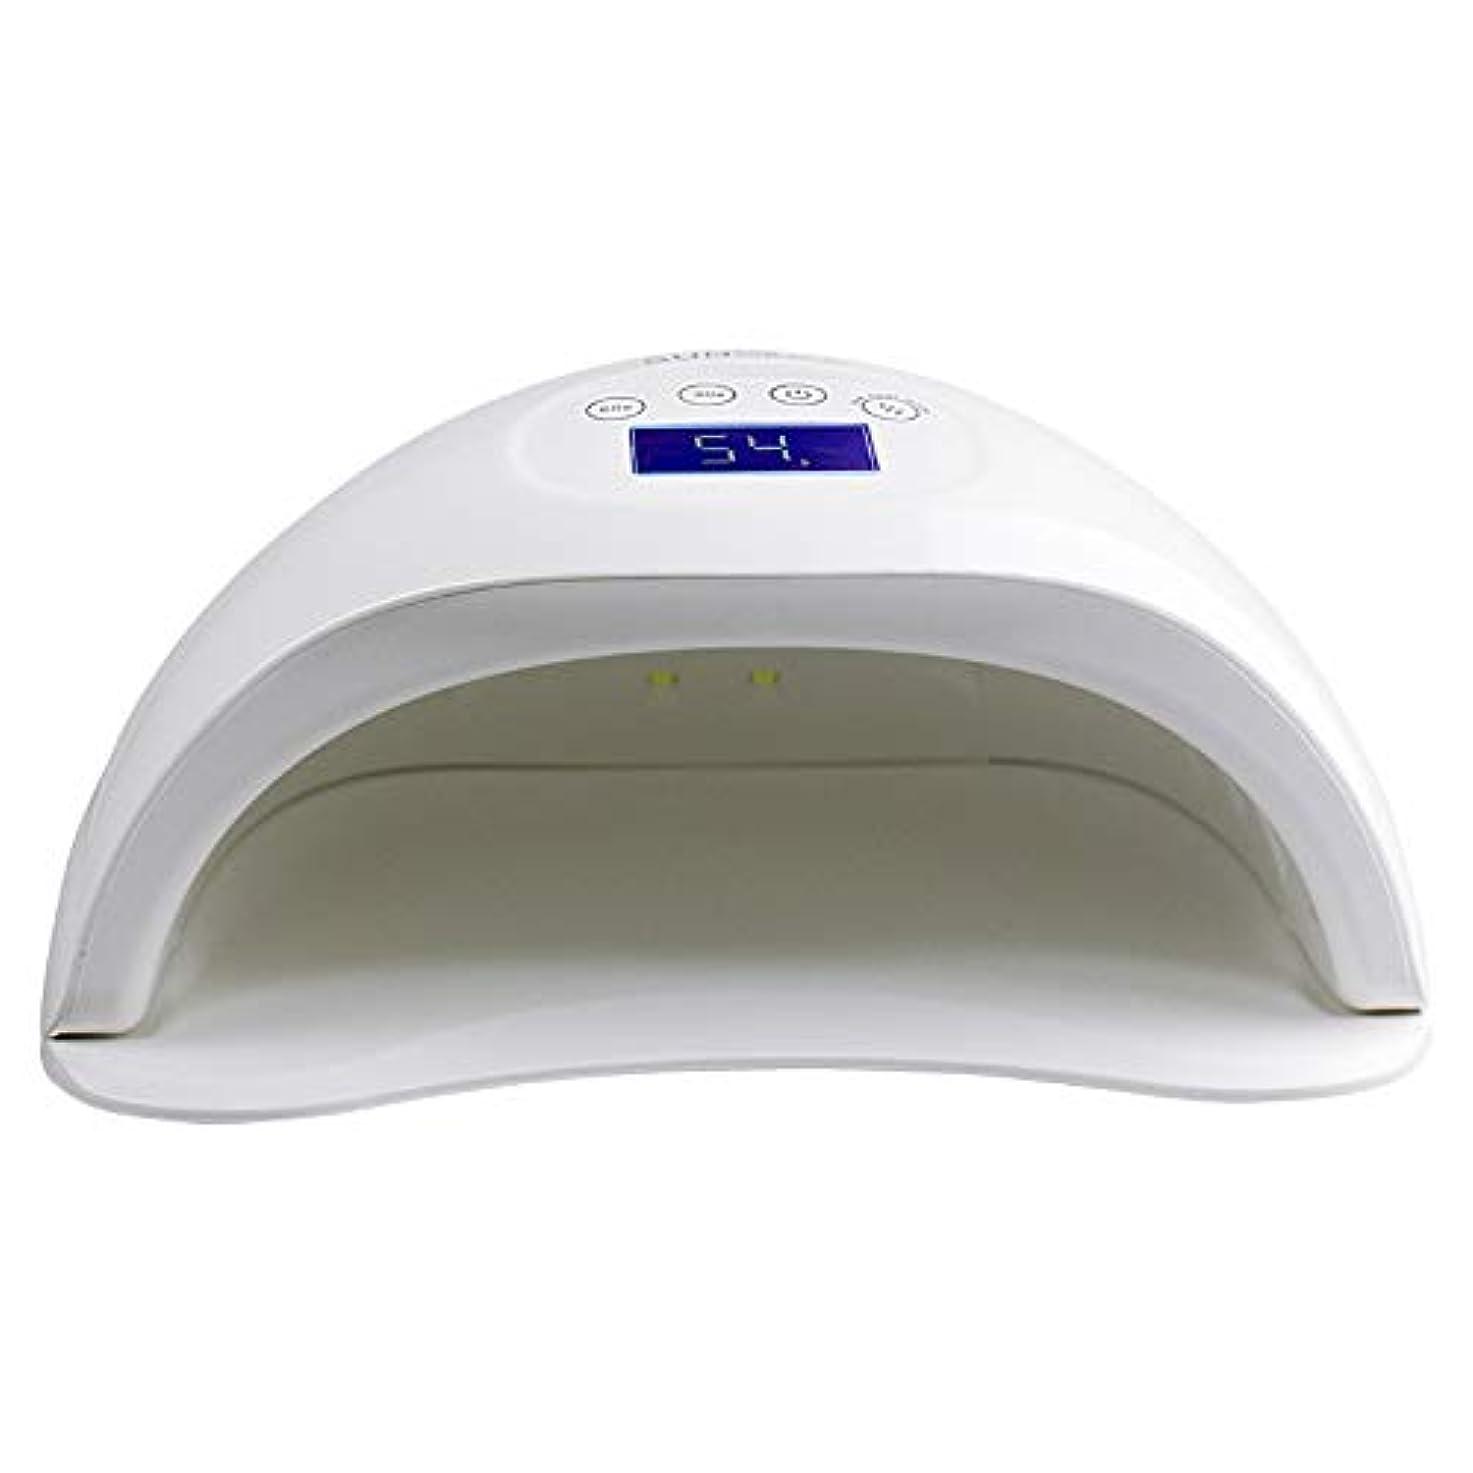 波紋バングラデシュコインランドリーネイル光線療法機、デジタルインテリジェント自動ネイル高速乾燥機、デュアル光源ノンスリップ多機能ネイルポリッシャー、家族/美容/ホテルに適しています